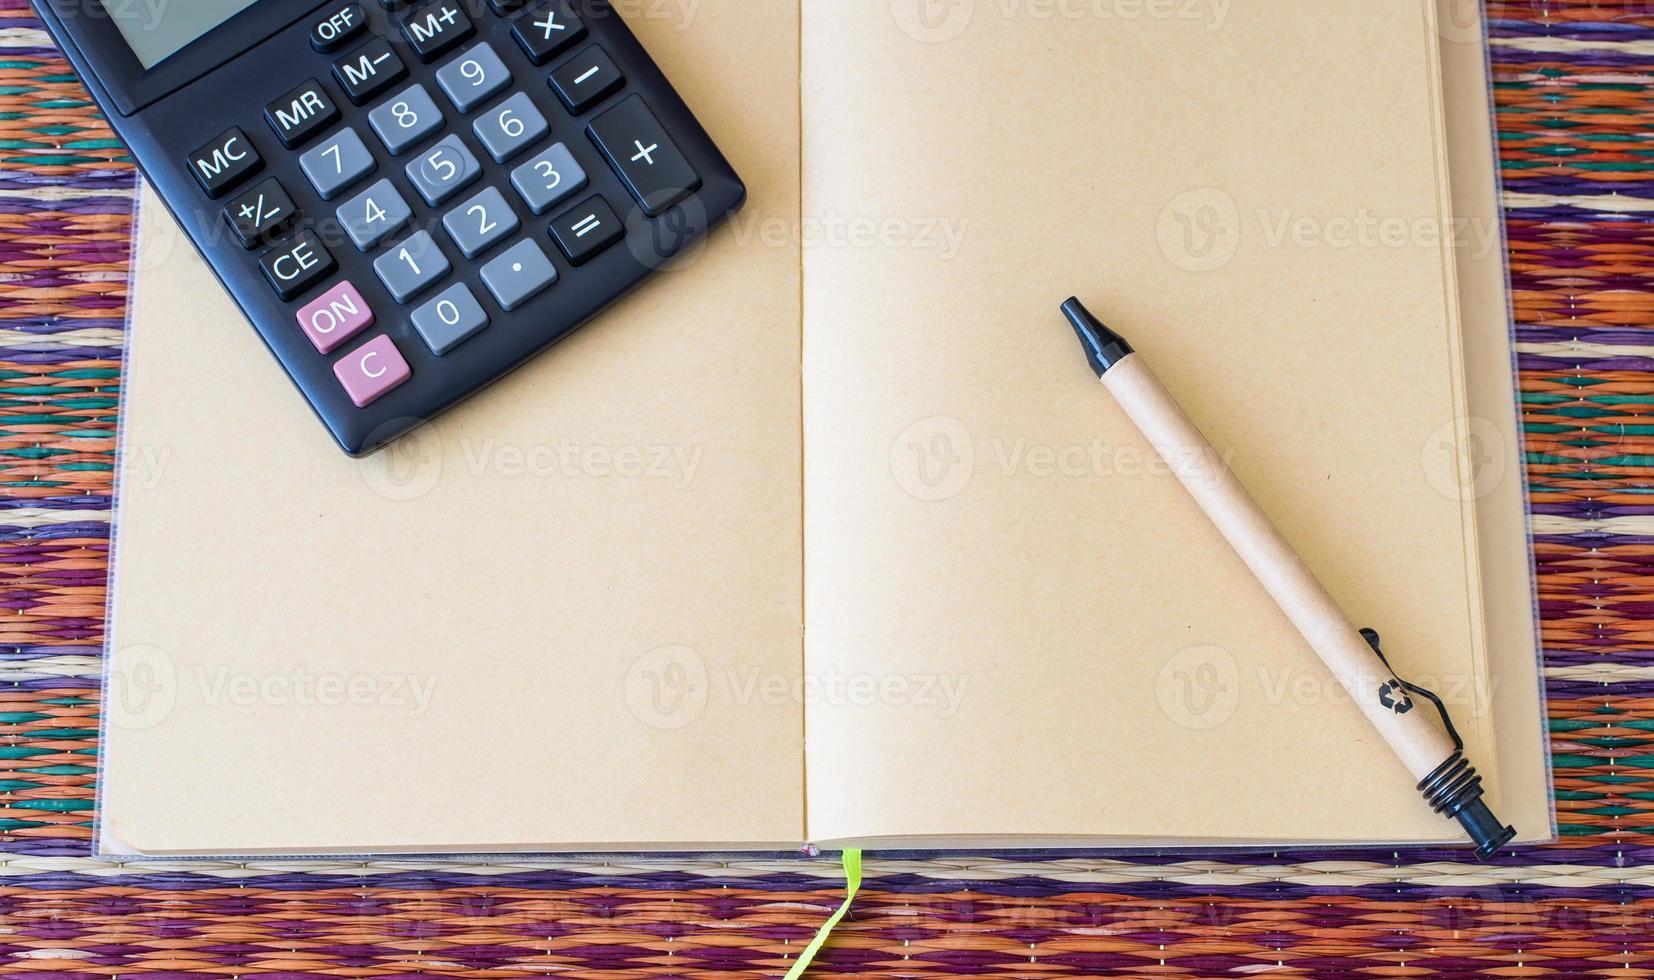 Rechner im Geschäftskonzept. foto